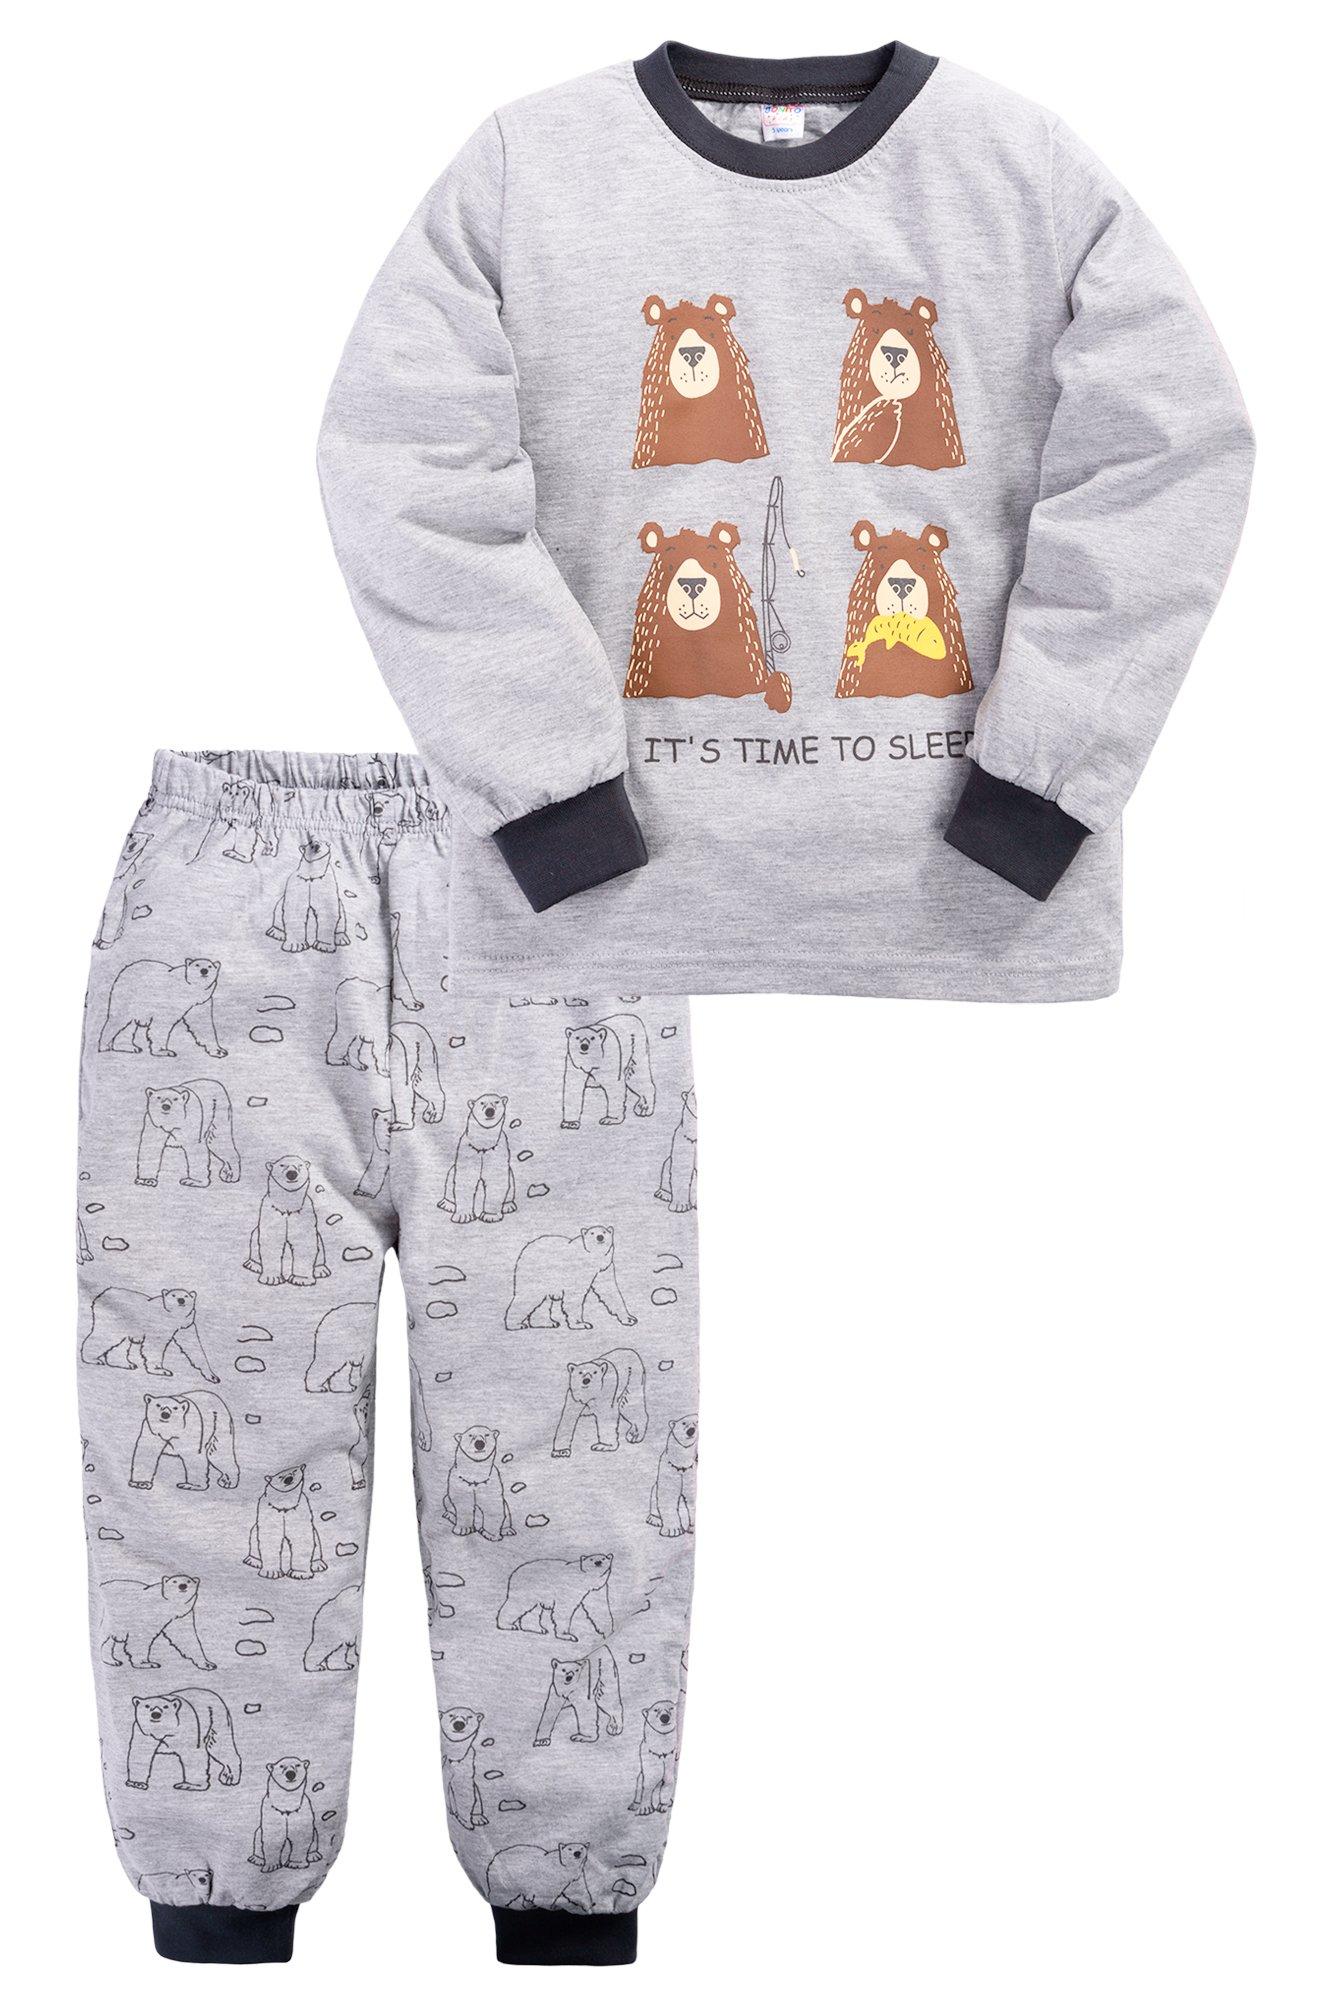 Пижама для мальчика Bonito купить оптом в интернет-магазине Happywear.ru 03bcd4112928e